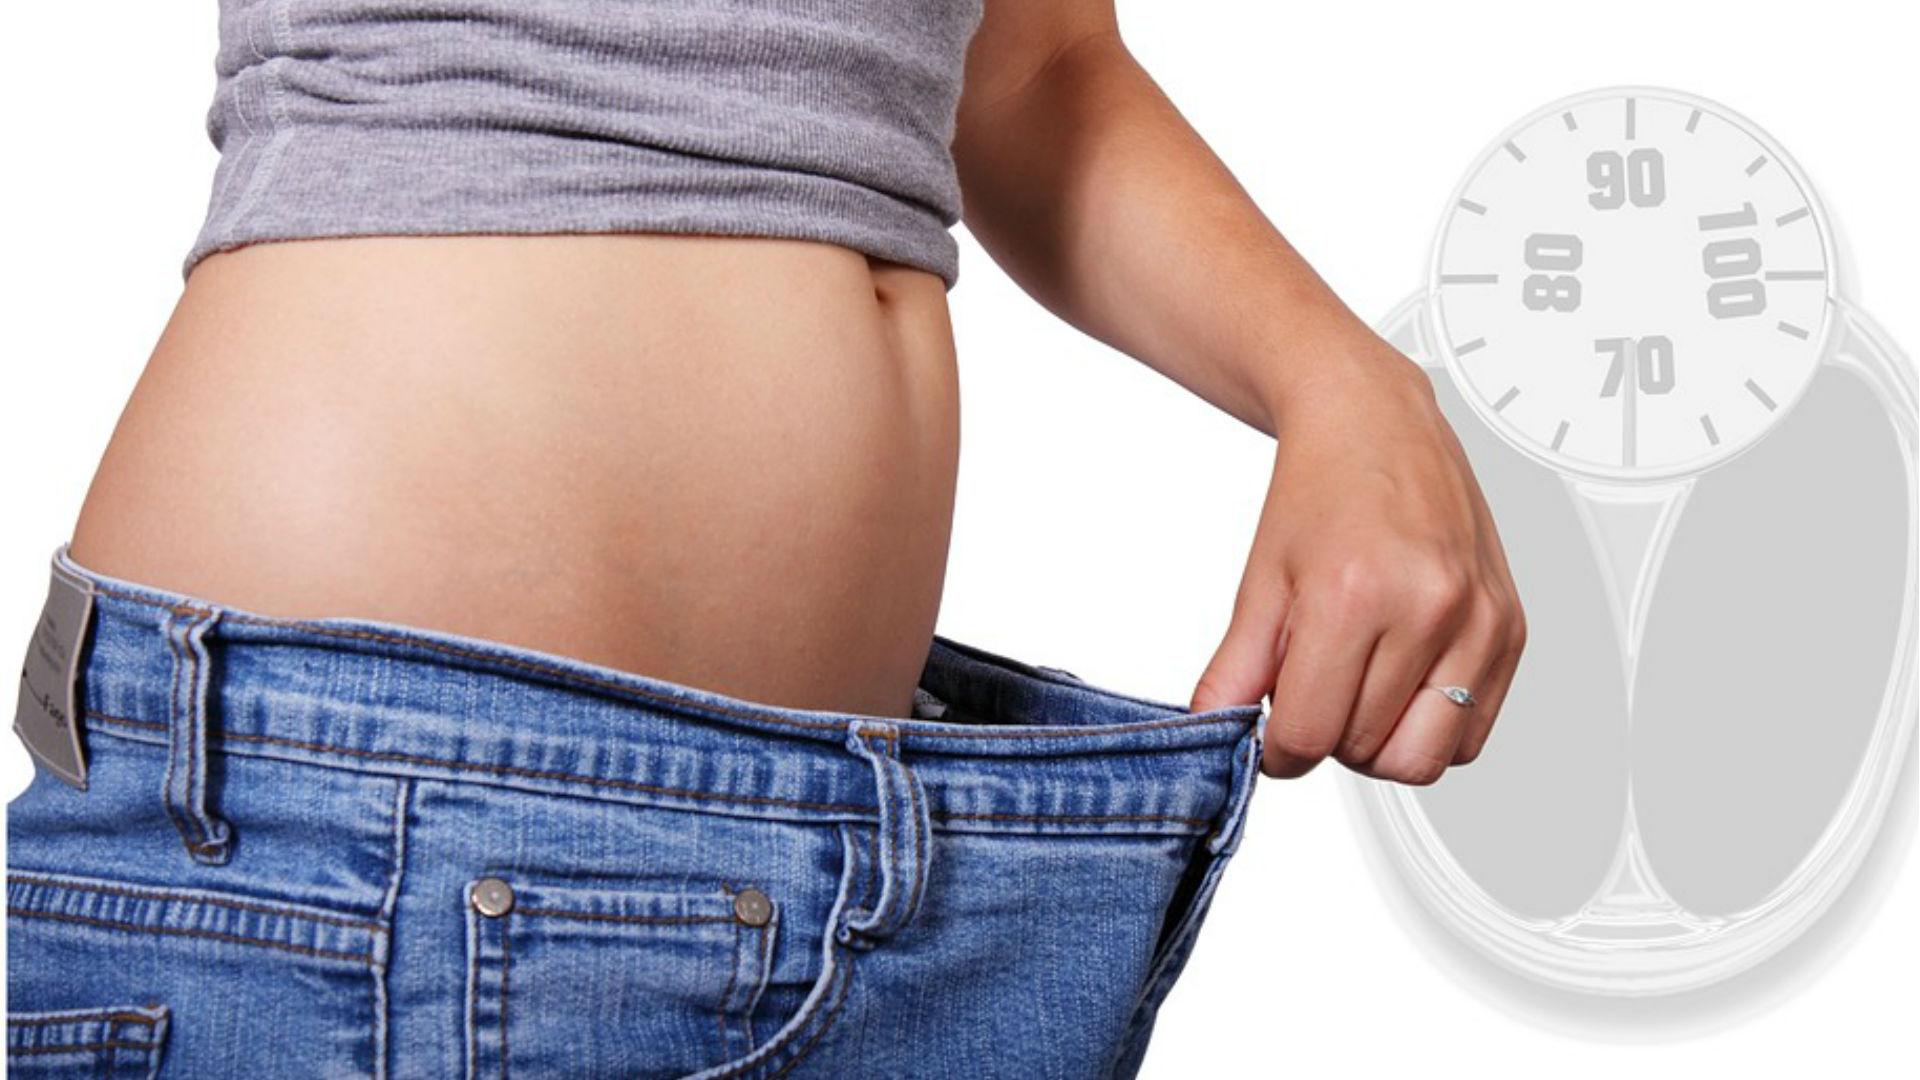 Weight Loss Tips: मोटे पेट से हैं परेशान, तो अपनाएं ये 3 तरीके, फौरन गायब होगा आपका बेली फैट